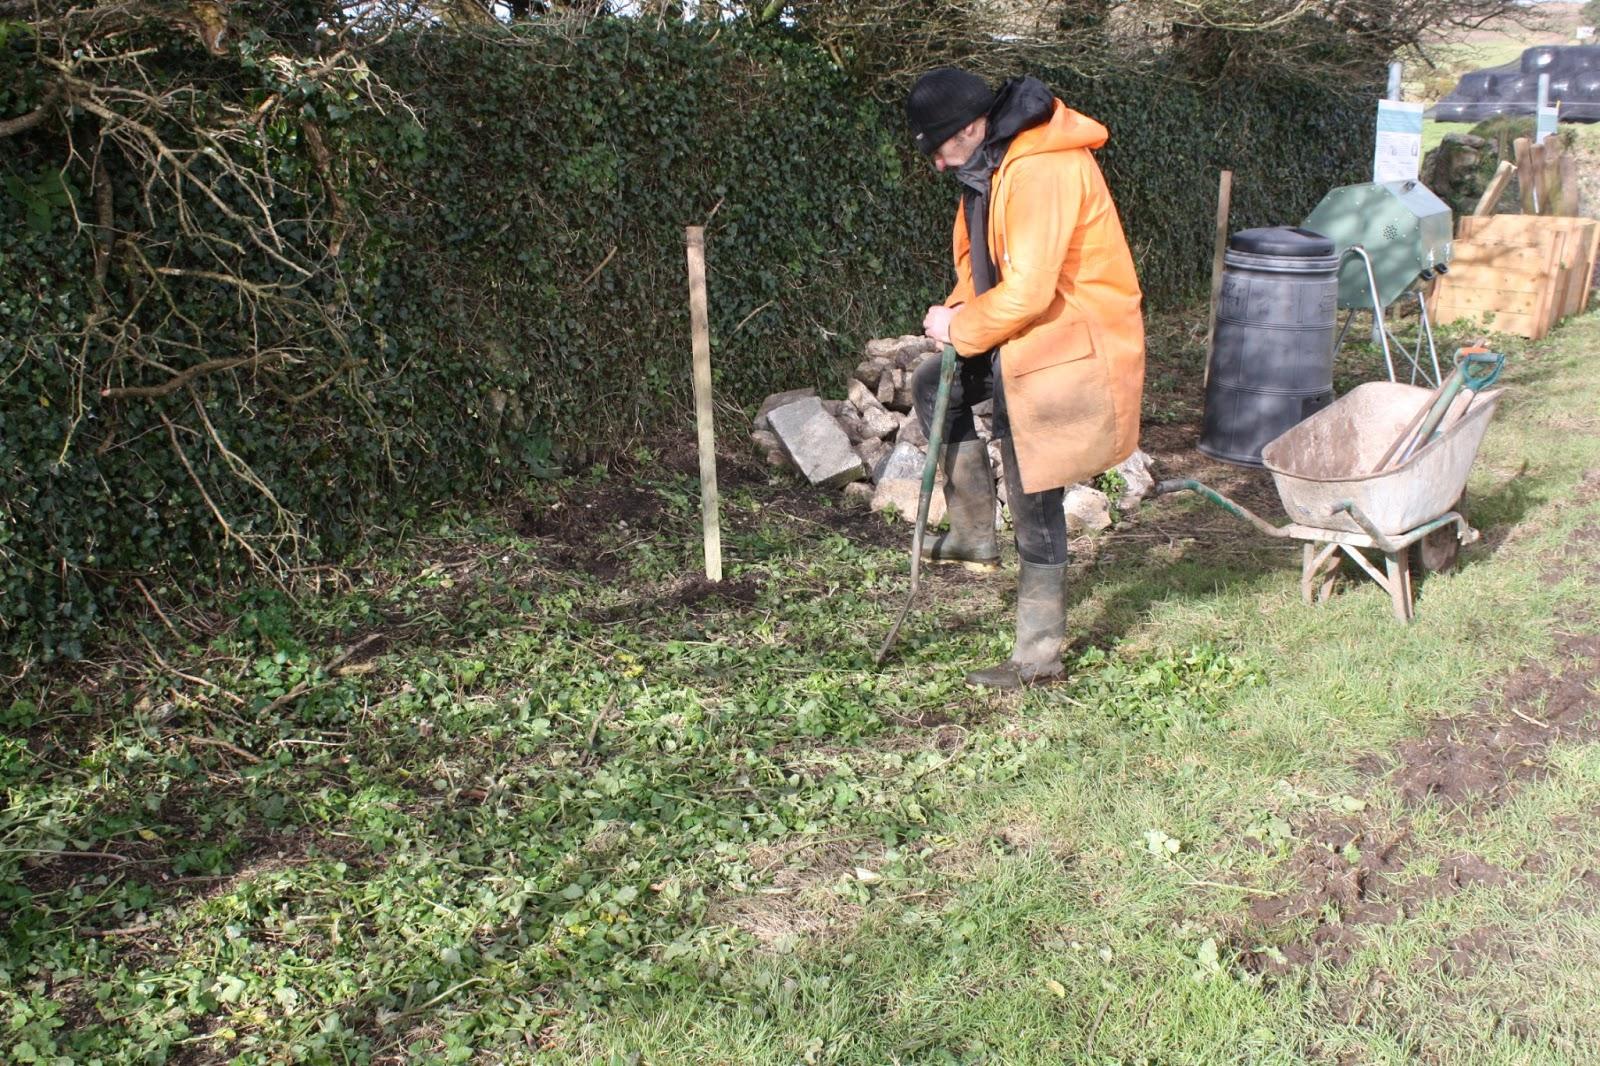 Bosavern Community Farm February 2013